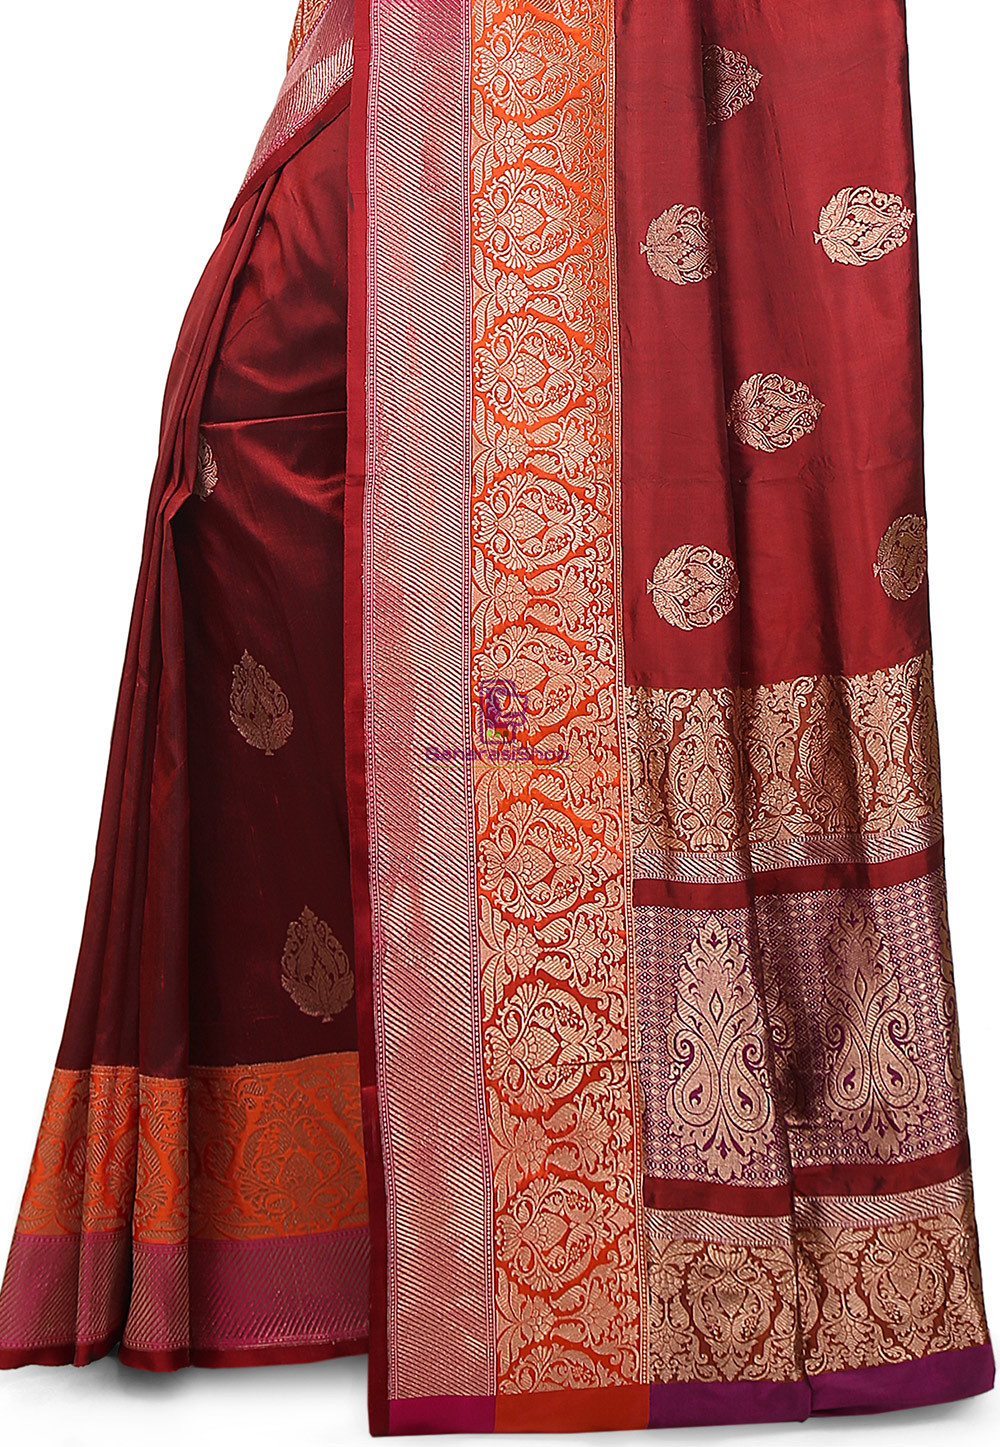 Banarasi Pure Katan Silk Handloom Saree in Maroon 3